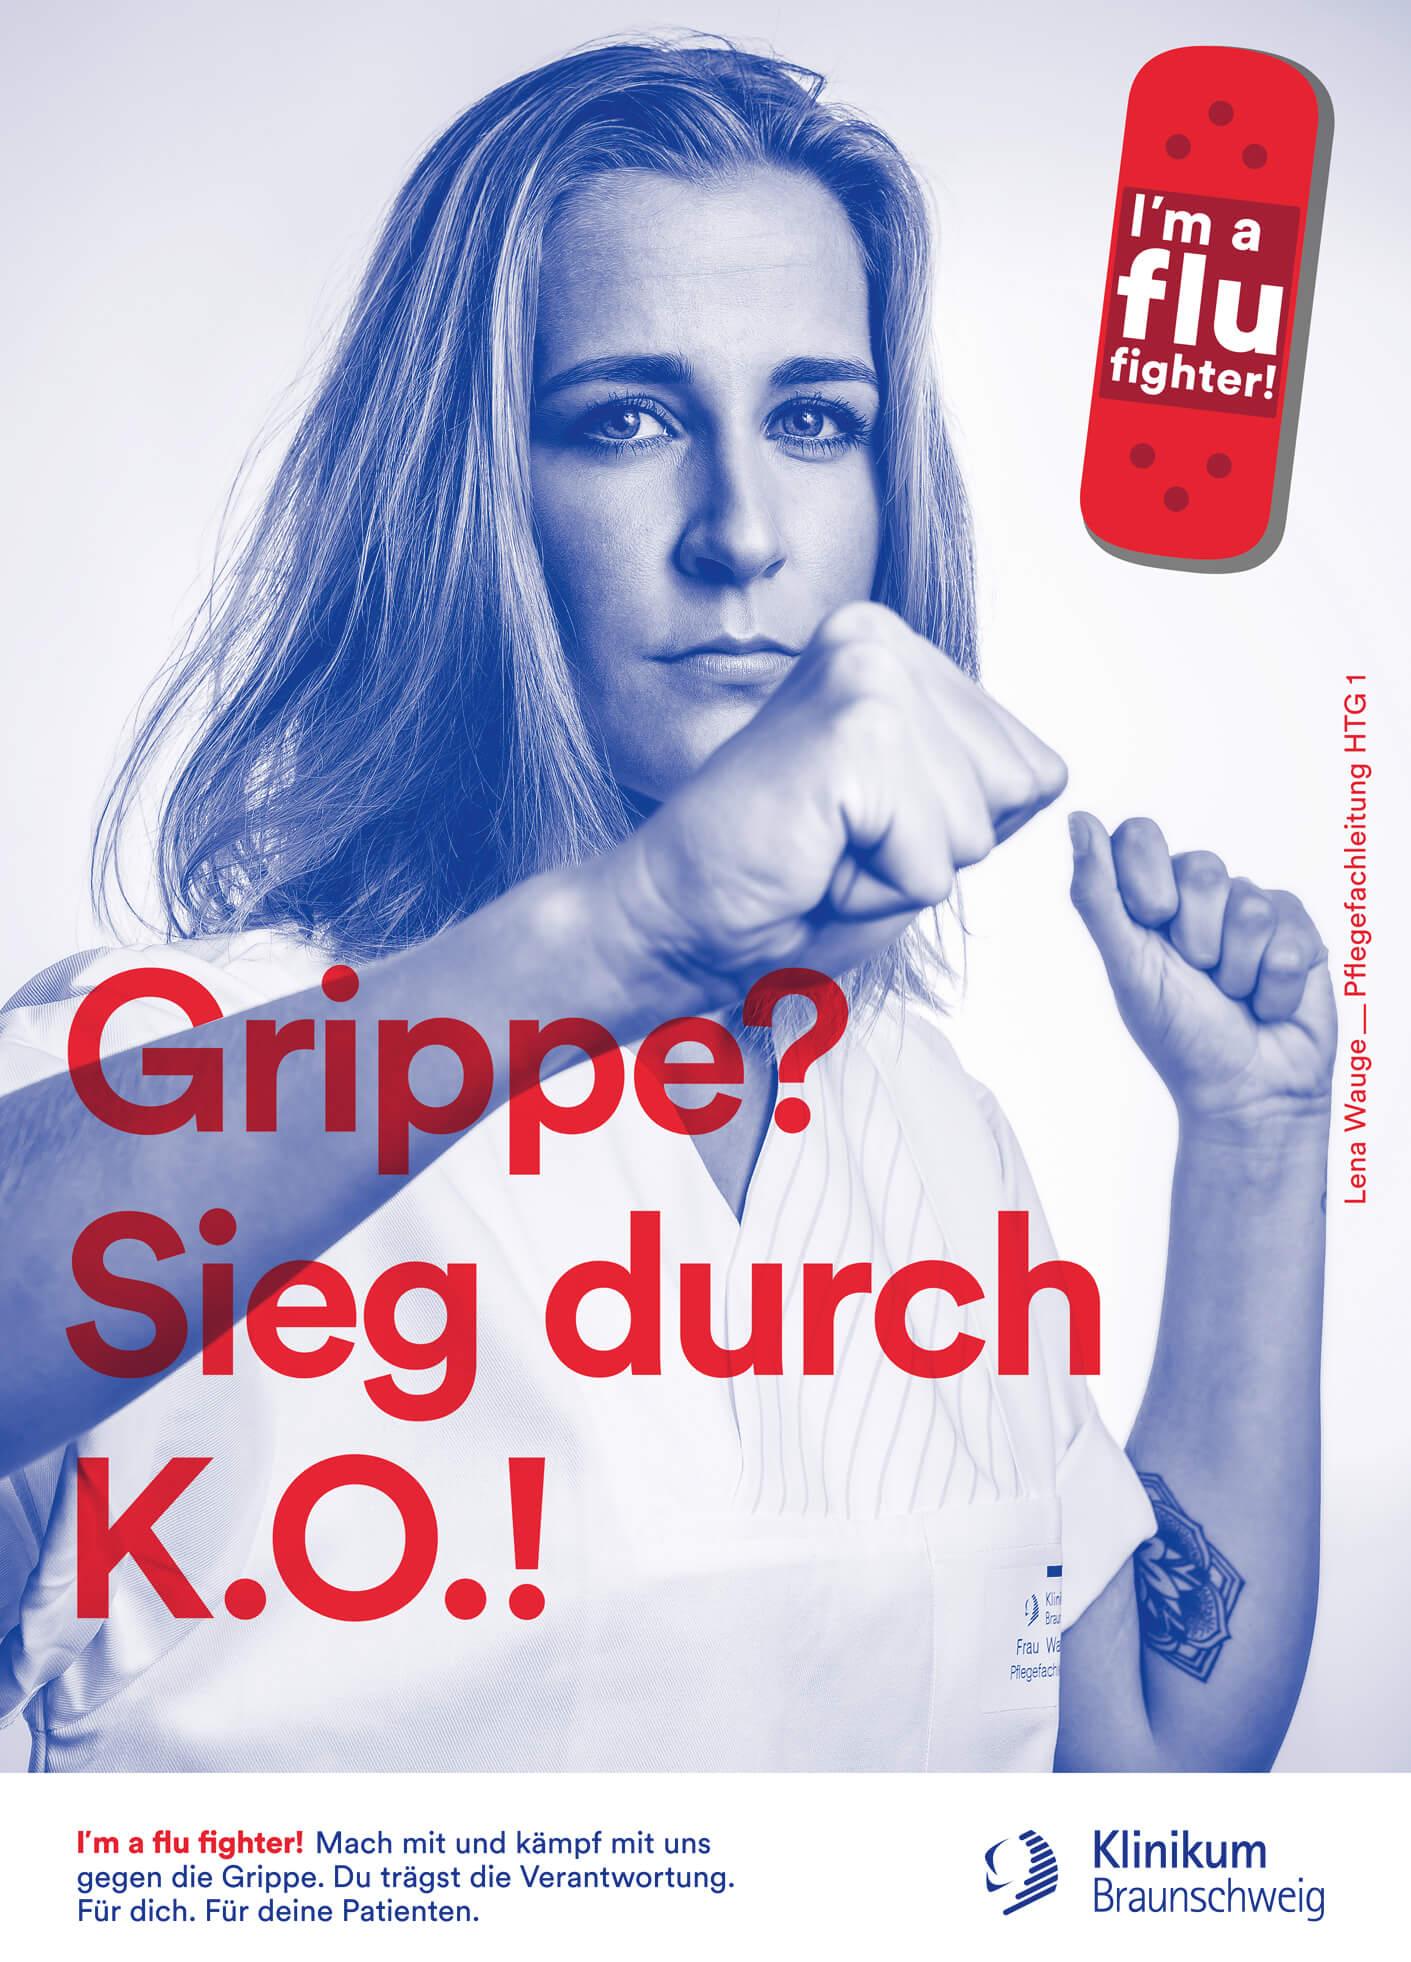 cyclos klinikum braunschweig kampagne flu fighter plakat Werbeagentur Marketing